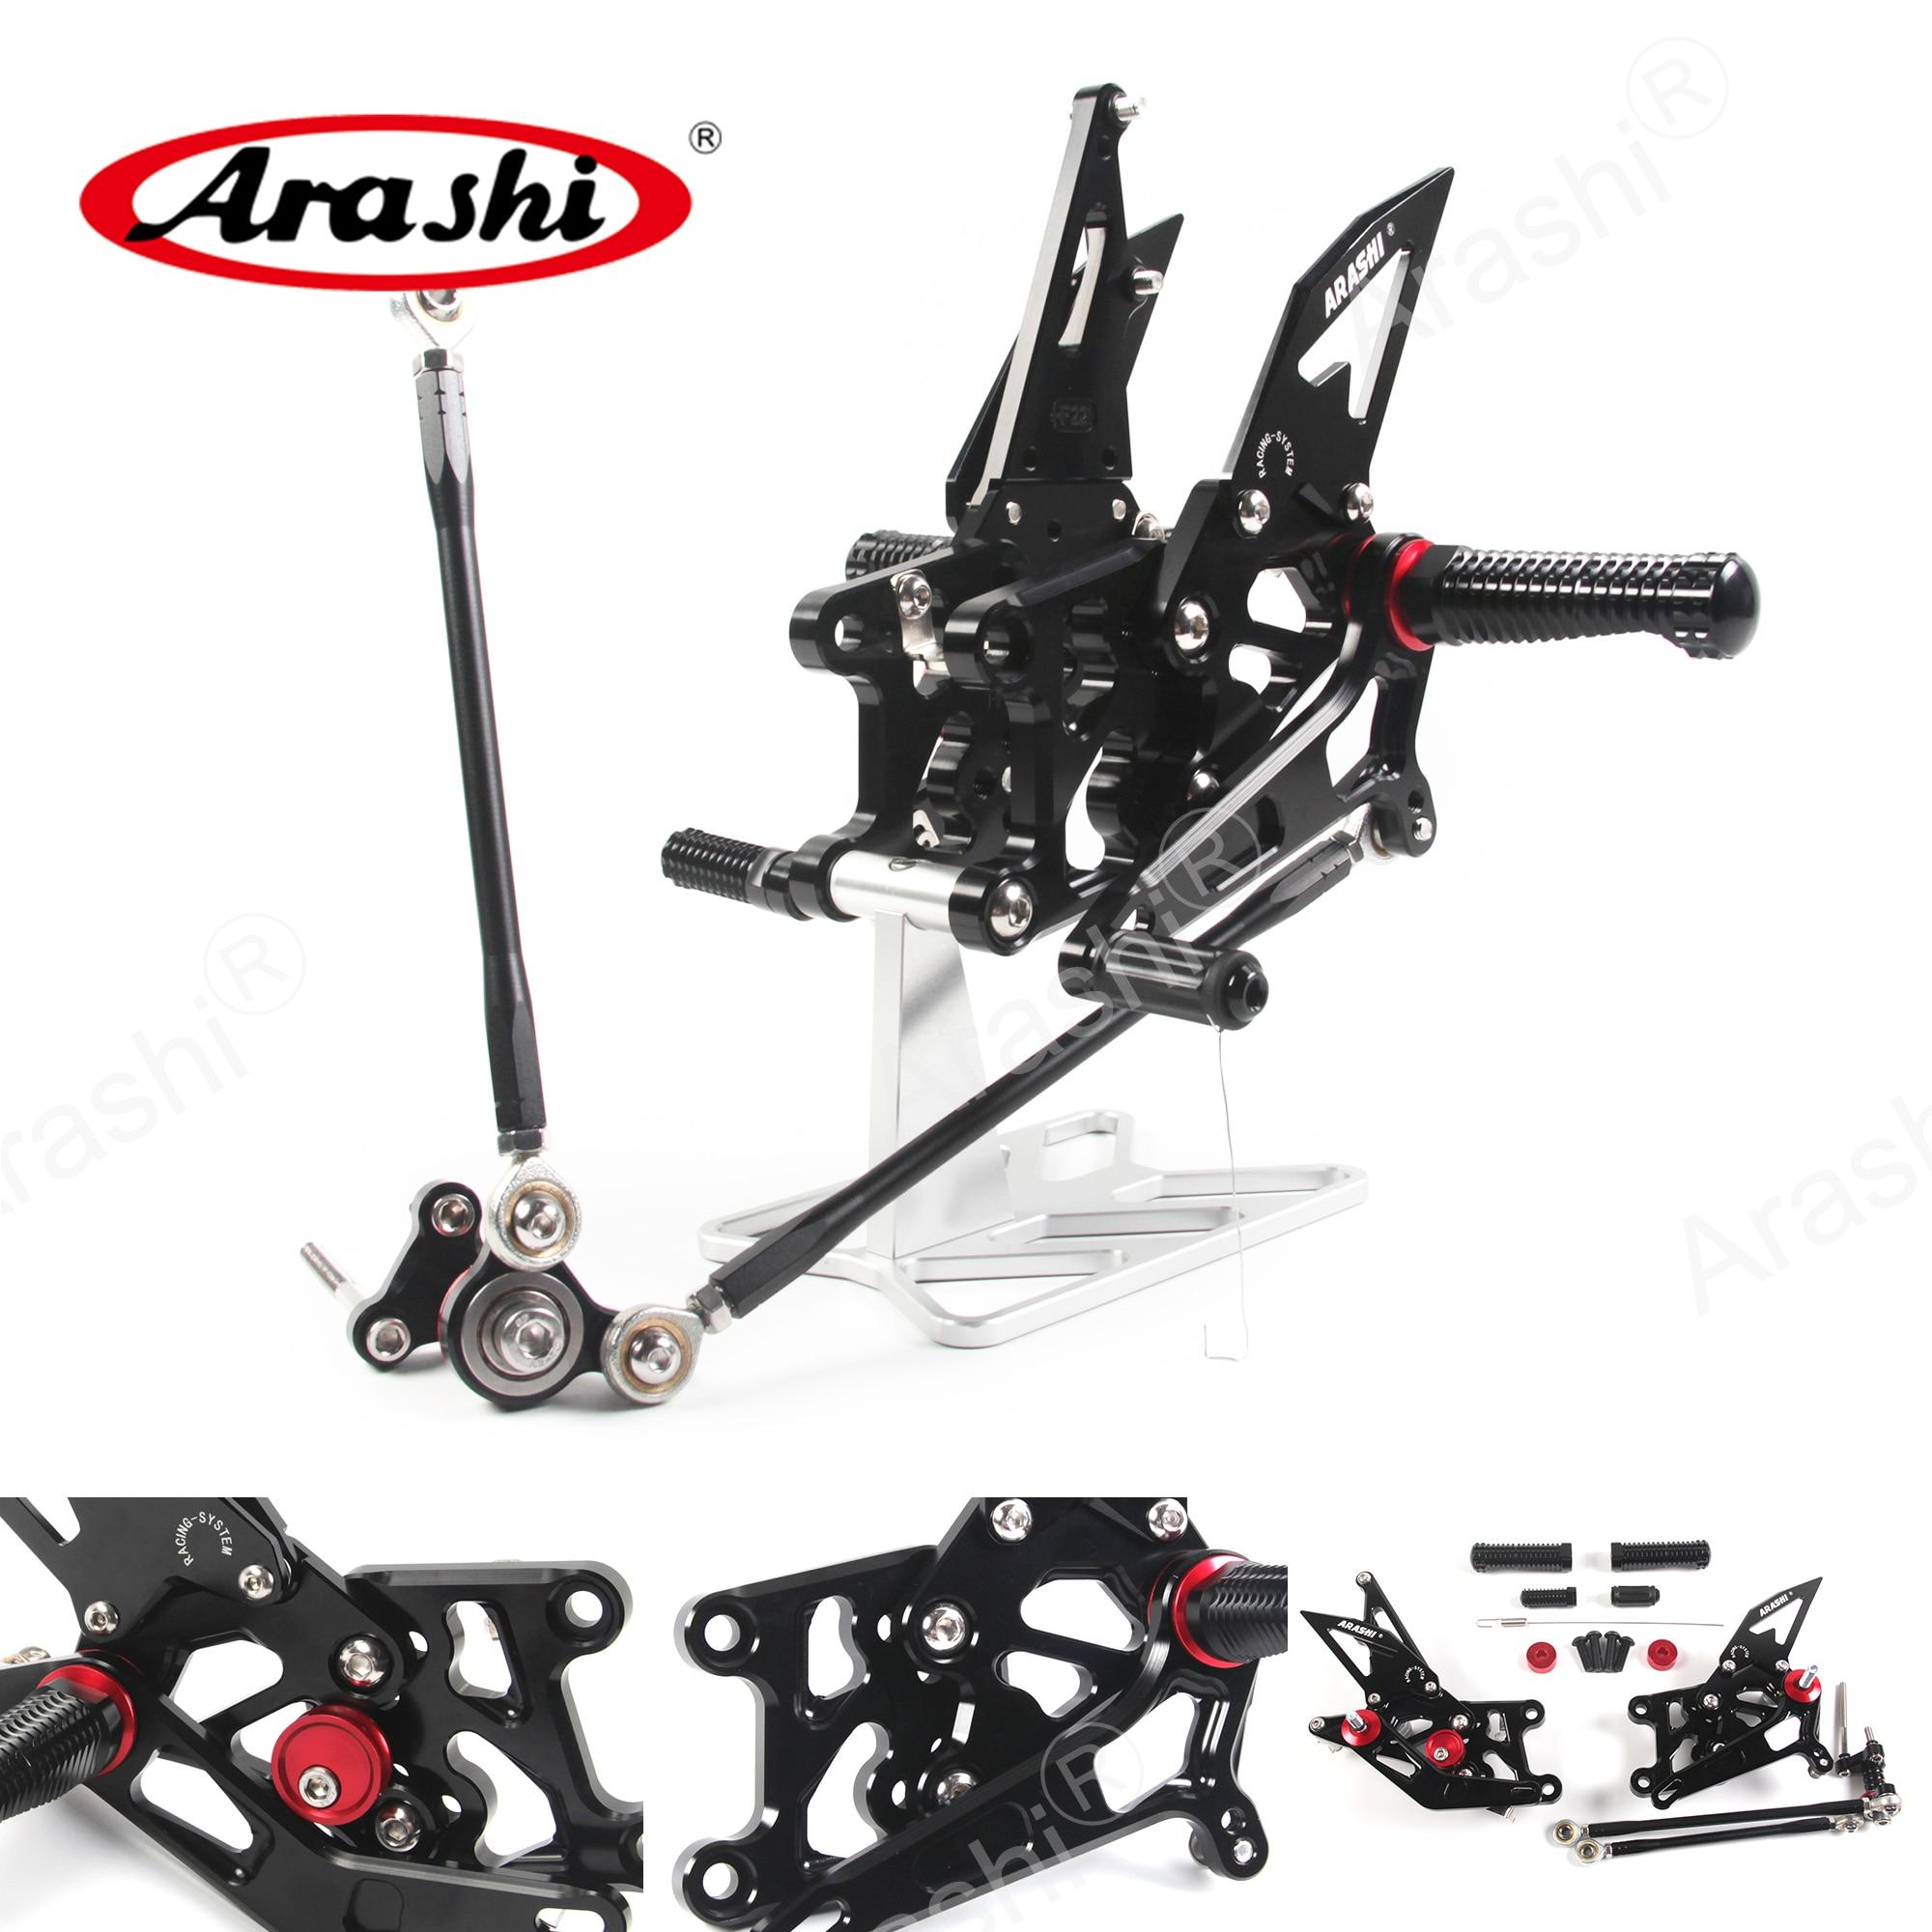 ARASHI Rider Footrest For HONDA CBR600RR Adjustable Rearset Foot Pegs CBR 600 RR 2007 2008 Rear Foot Rest CBR 600RR 07 08 CNC